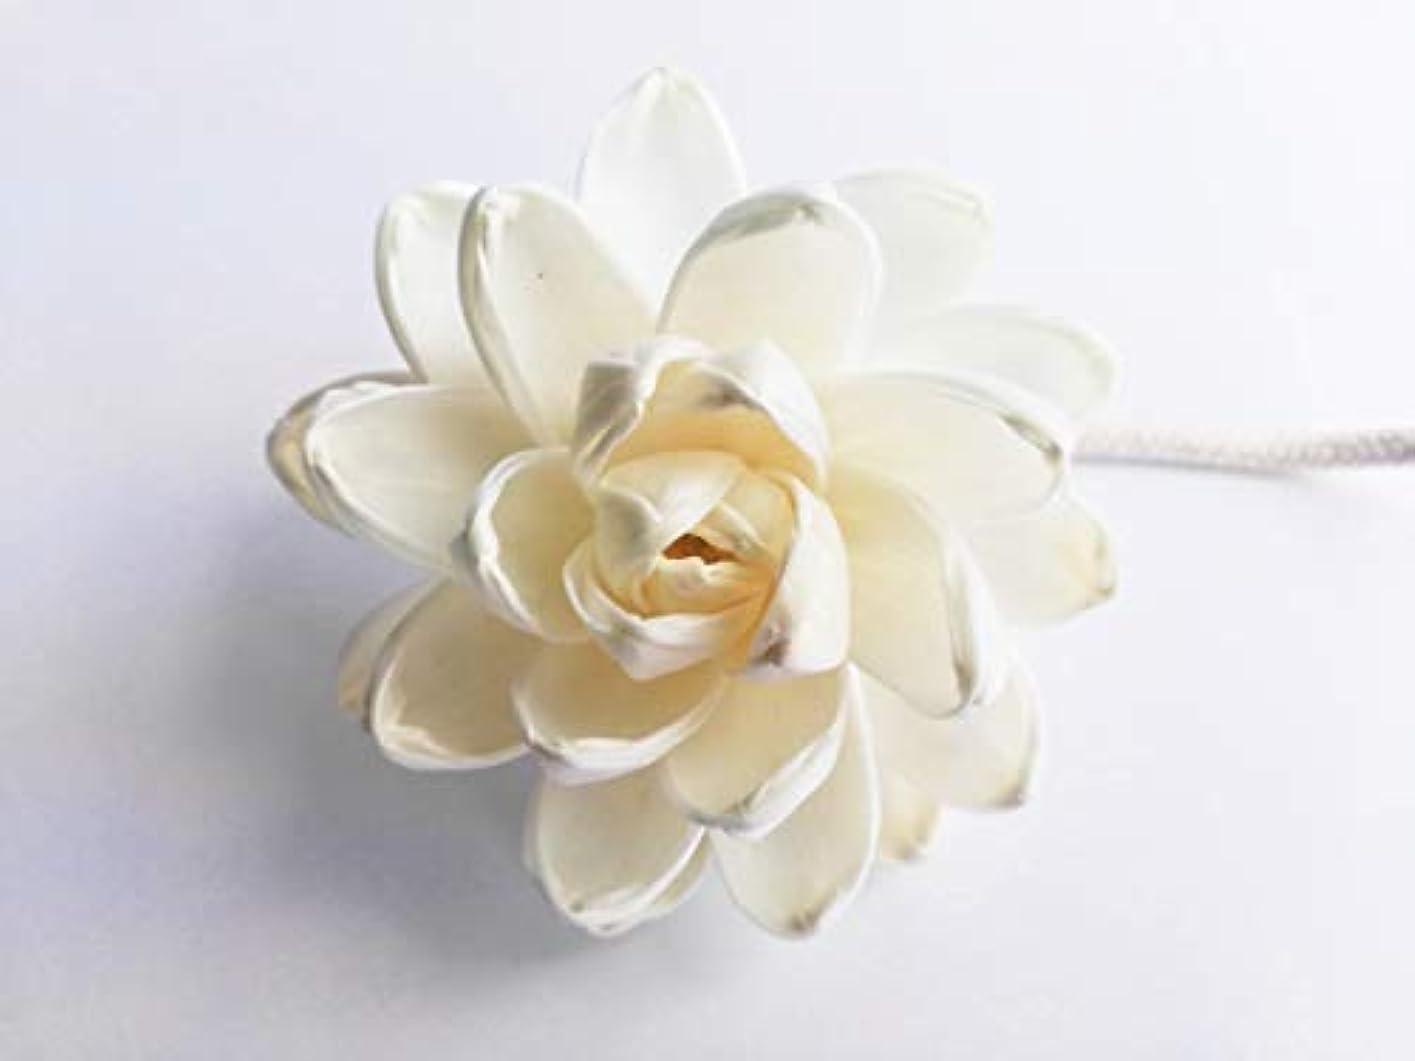 プラットフォーム触手抑圧するMAYA フラワーディフューザー ソラフラワー ロータス (8cm) [並行輸入品] | Aroma Flower Diffuser Sola Flower - Lotus